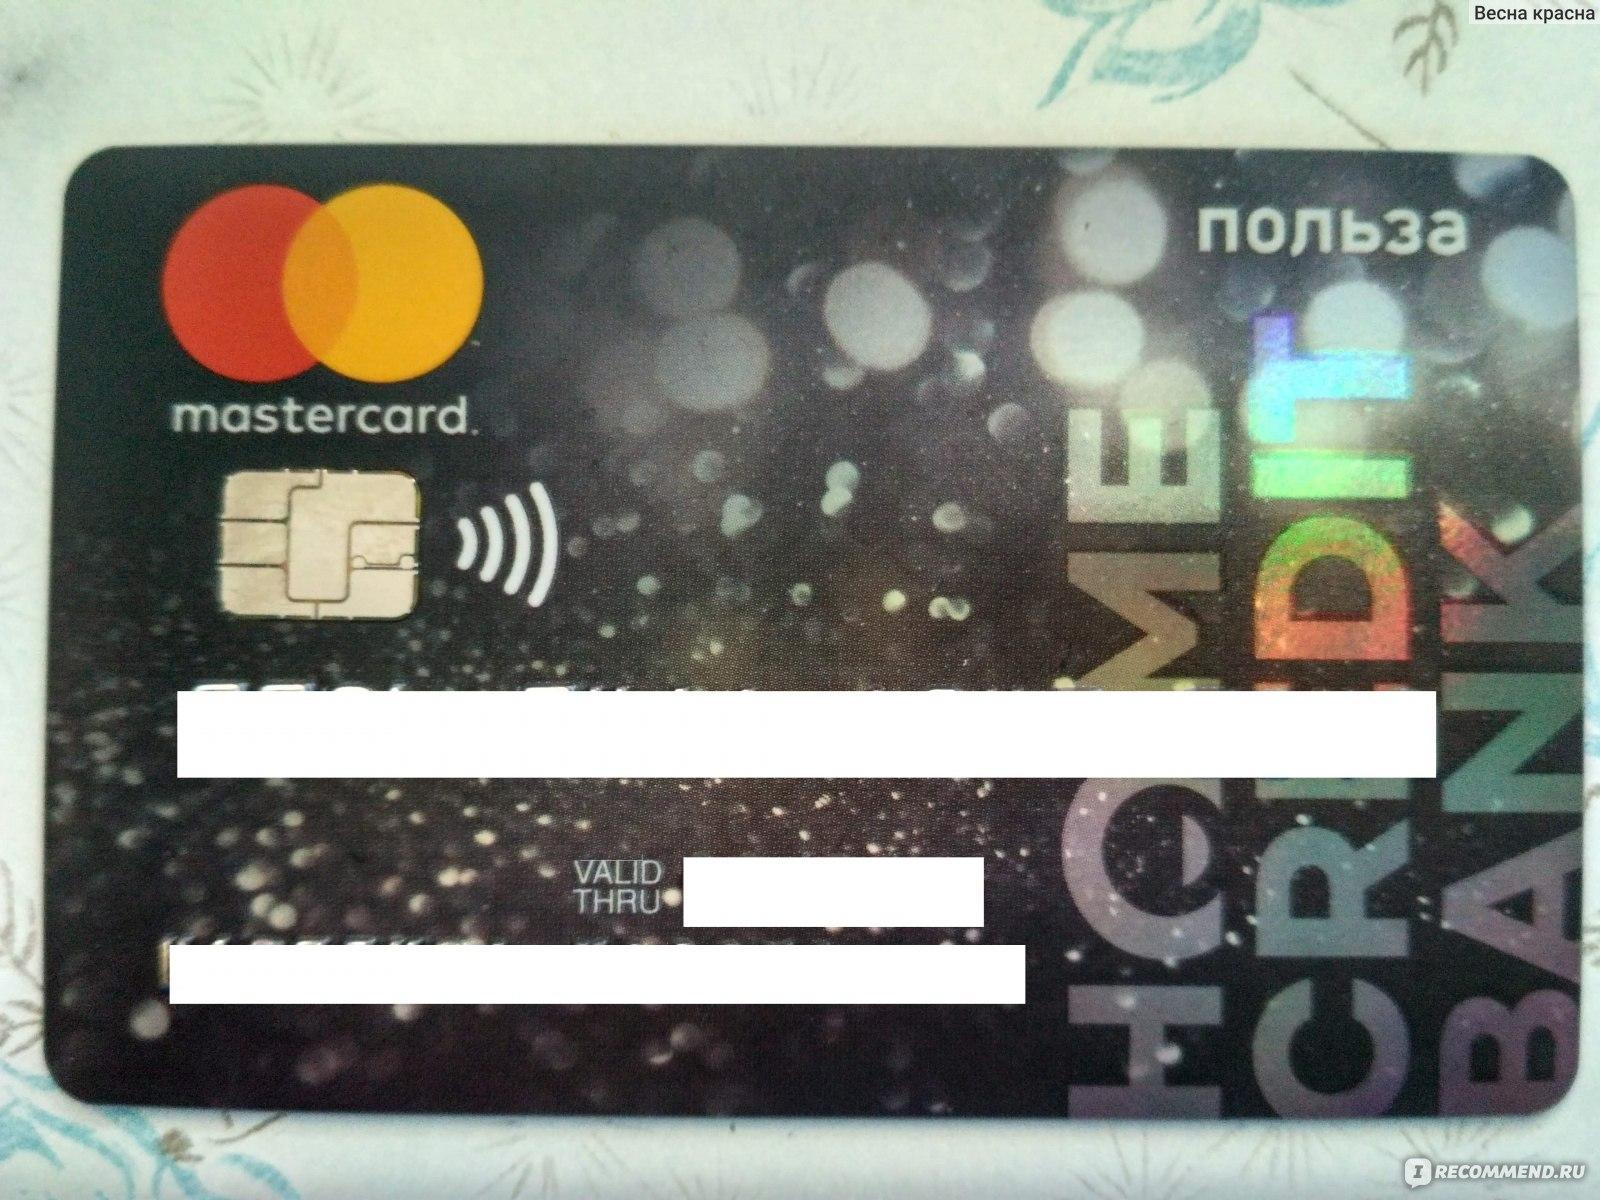 Дебетовая карта польза от хоум кредит условия пользования